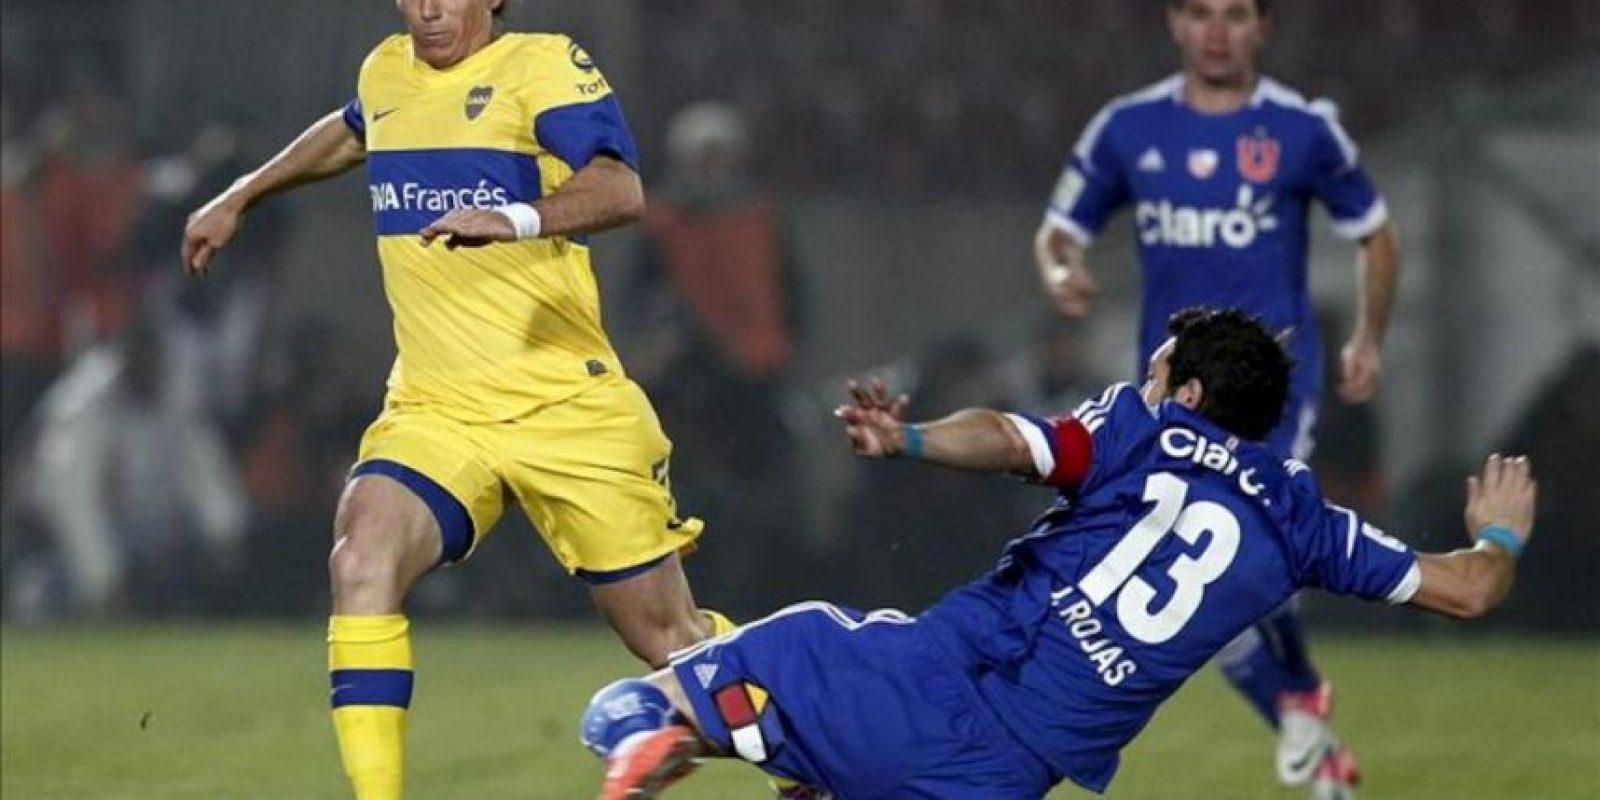 El jugador de Boca Juniors Pablo Mouche (i) es marcado por José Rojas (d), de Universidad de Chile, durante el partido de vuelta por una de las semifinales de la Copa Libertadores, en el Estadio Nacional en Santiago de Chile. EFE